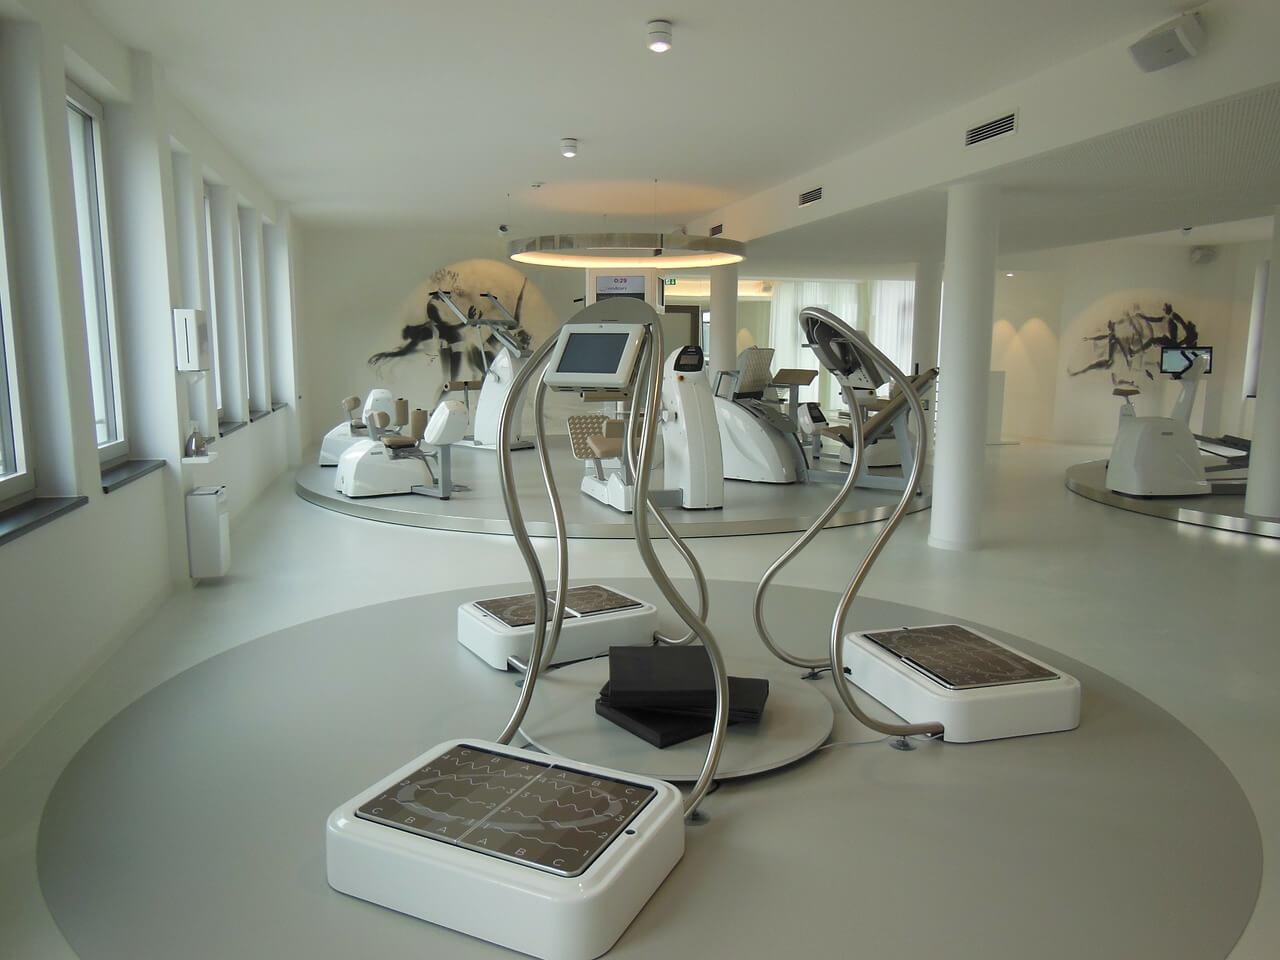 Fitnessclub: Kosten für Besuch steuerlich nicht abziehbar